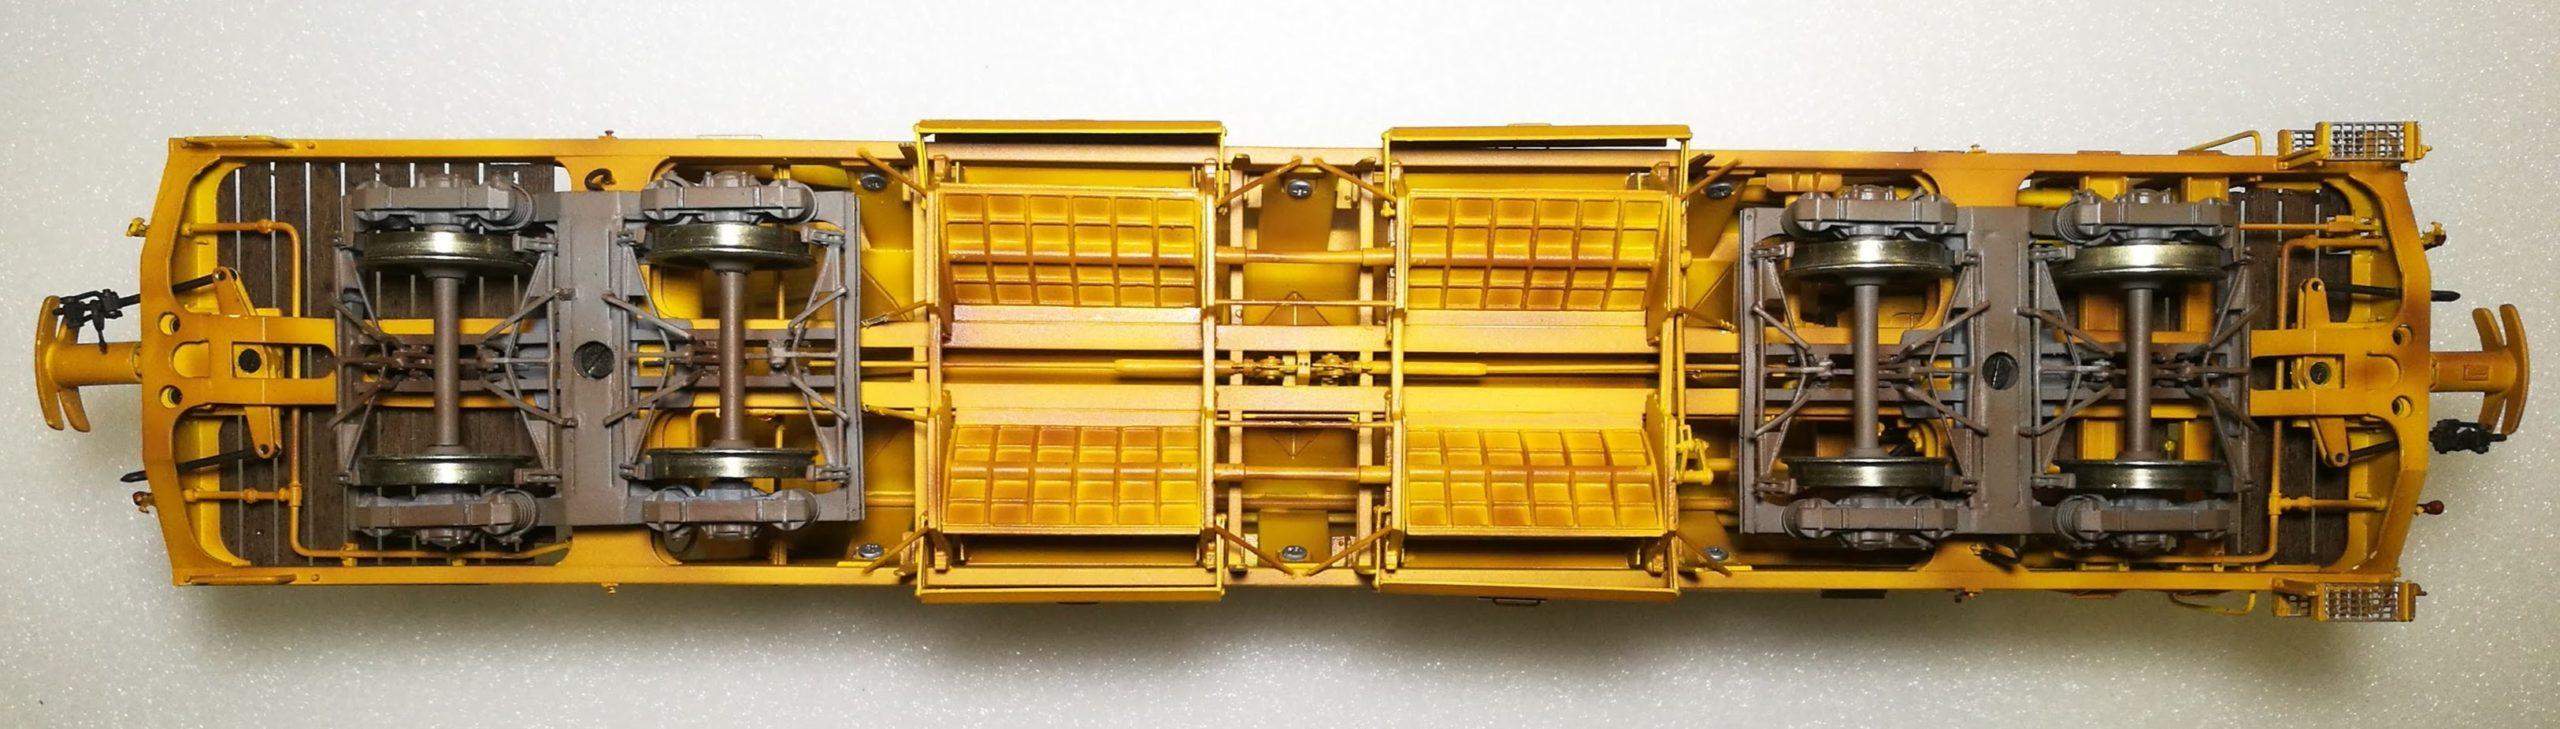 Fad 8723 gelb von unten